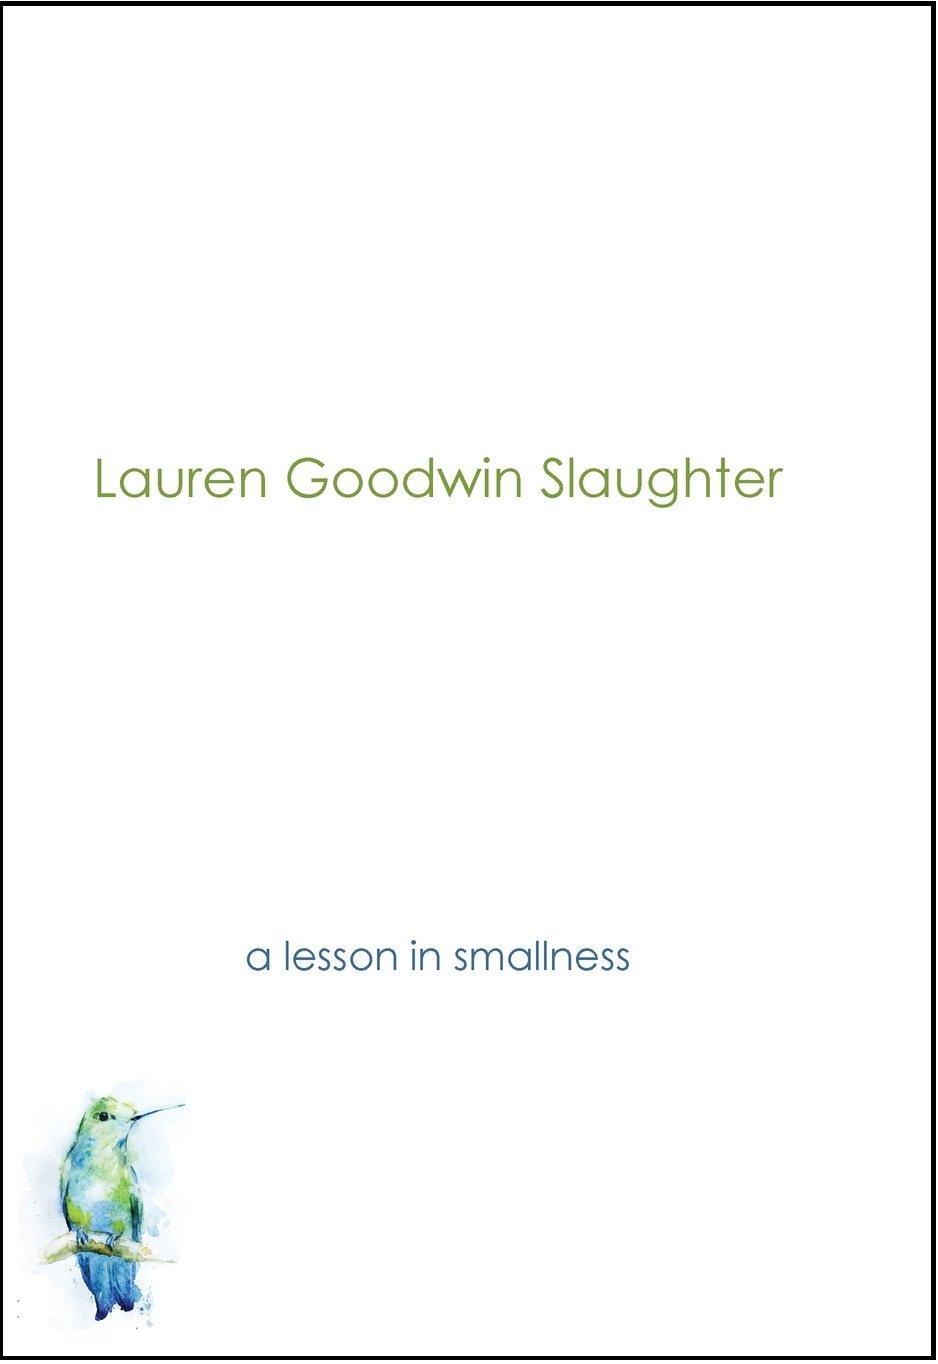 lesson in smallness